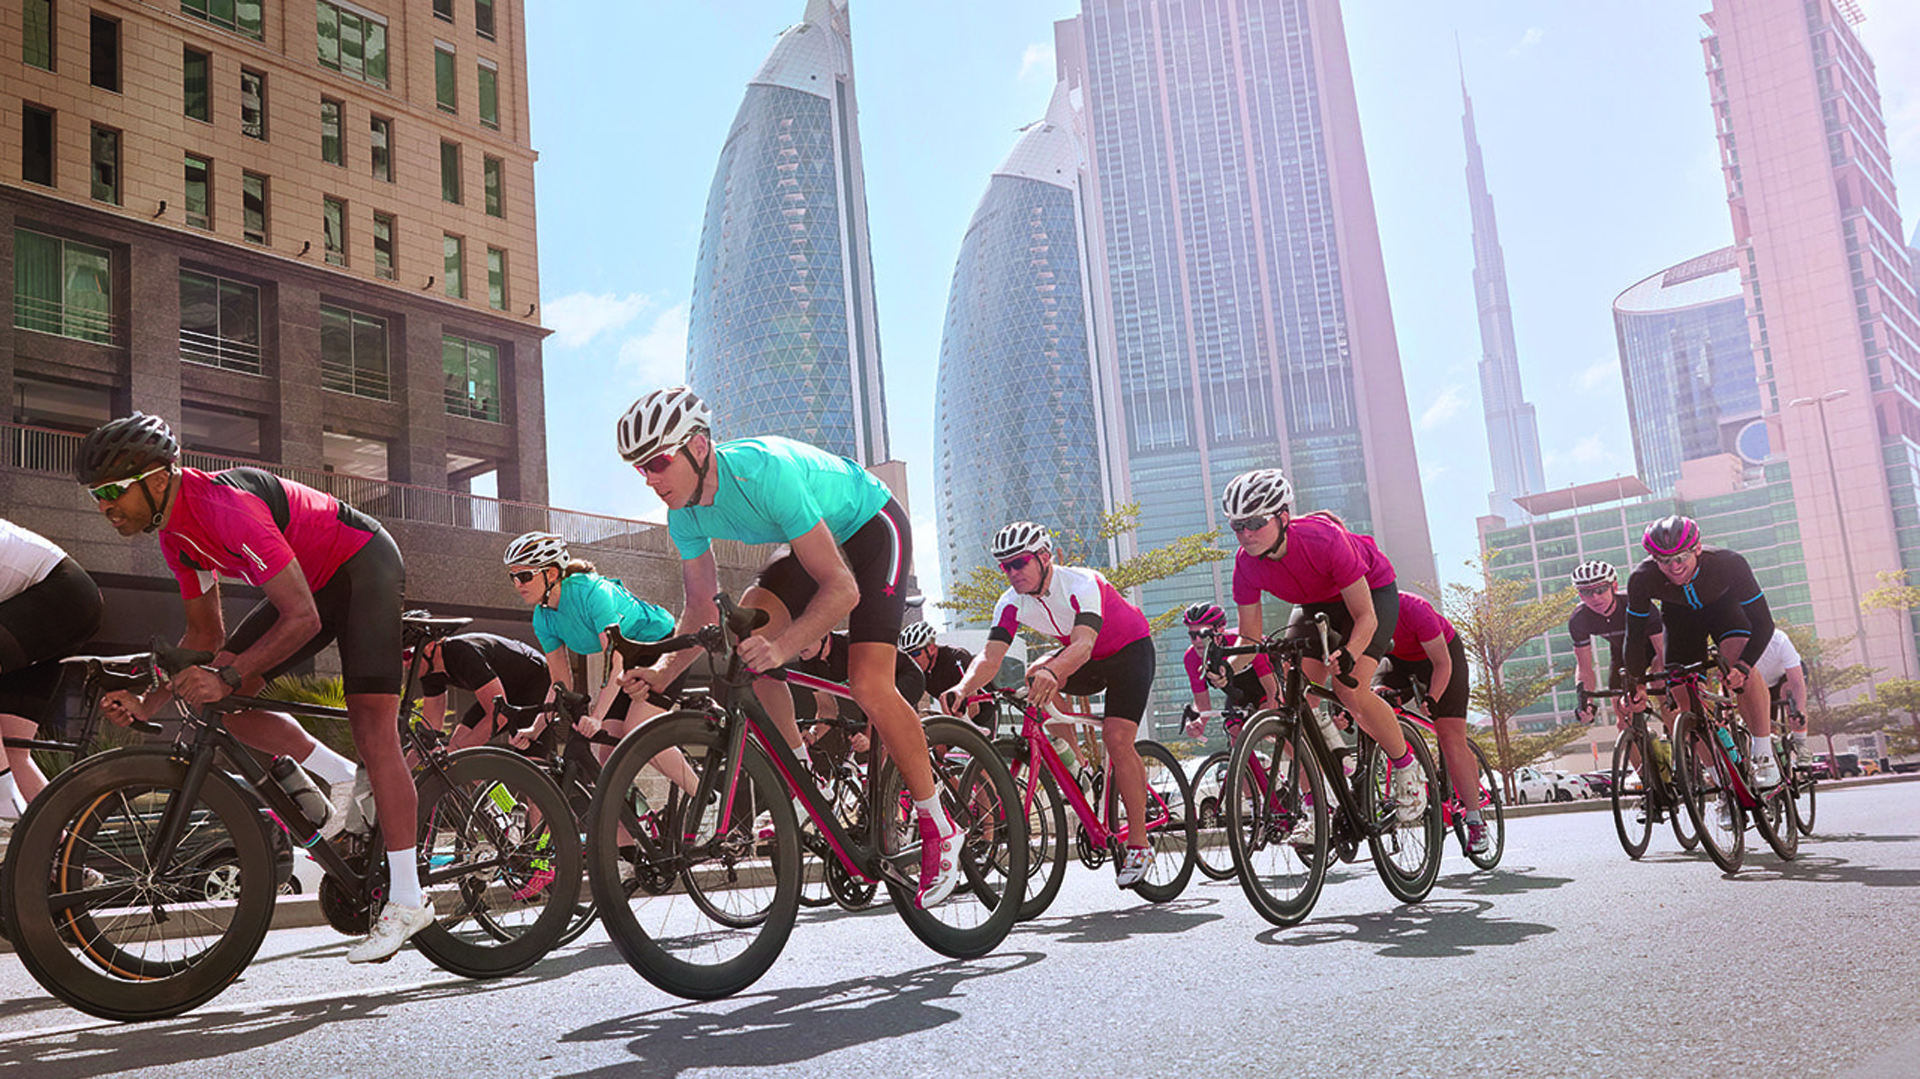 A través de una aplicación se registraron más de 700 mil personas (Dubai Fitness Challenge)